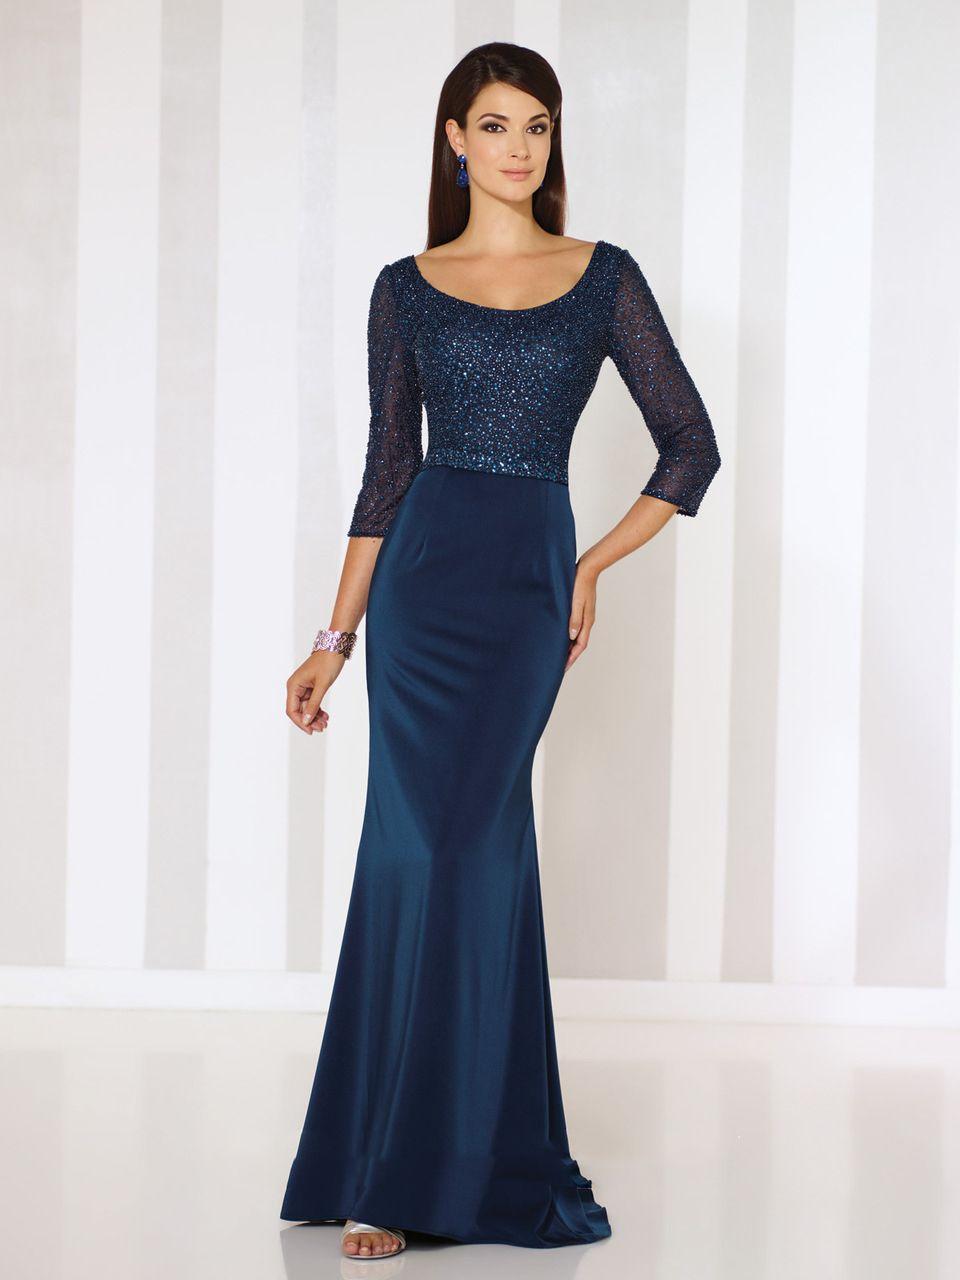 46516fb83d Cameron Blake by Mon Cheri - 116660 Dress